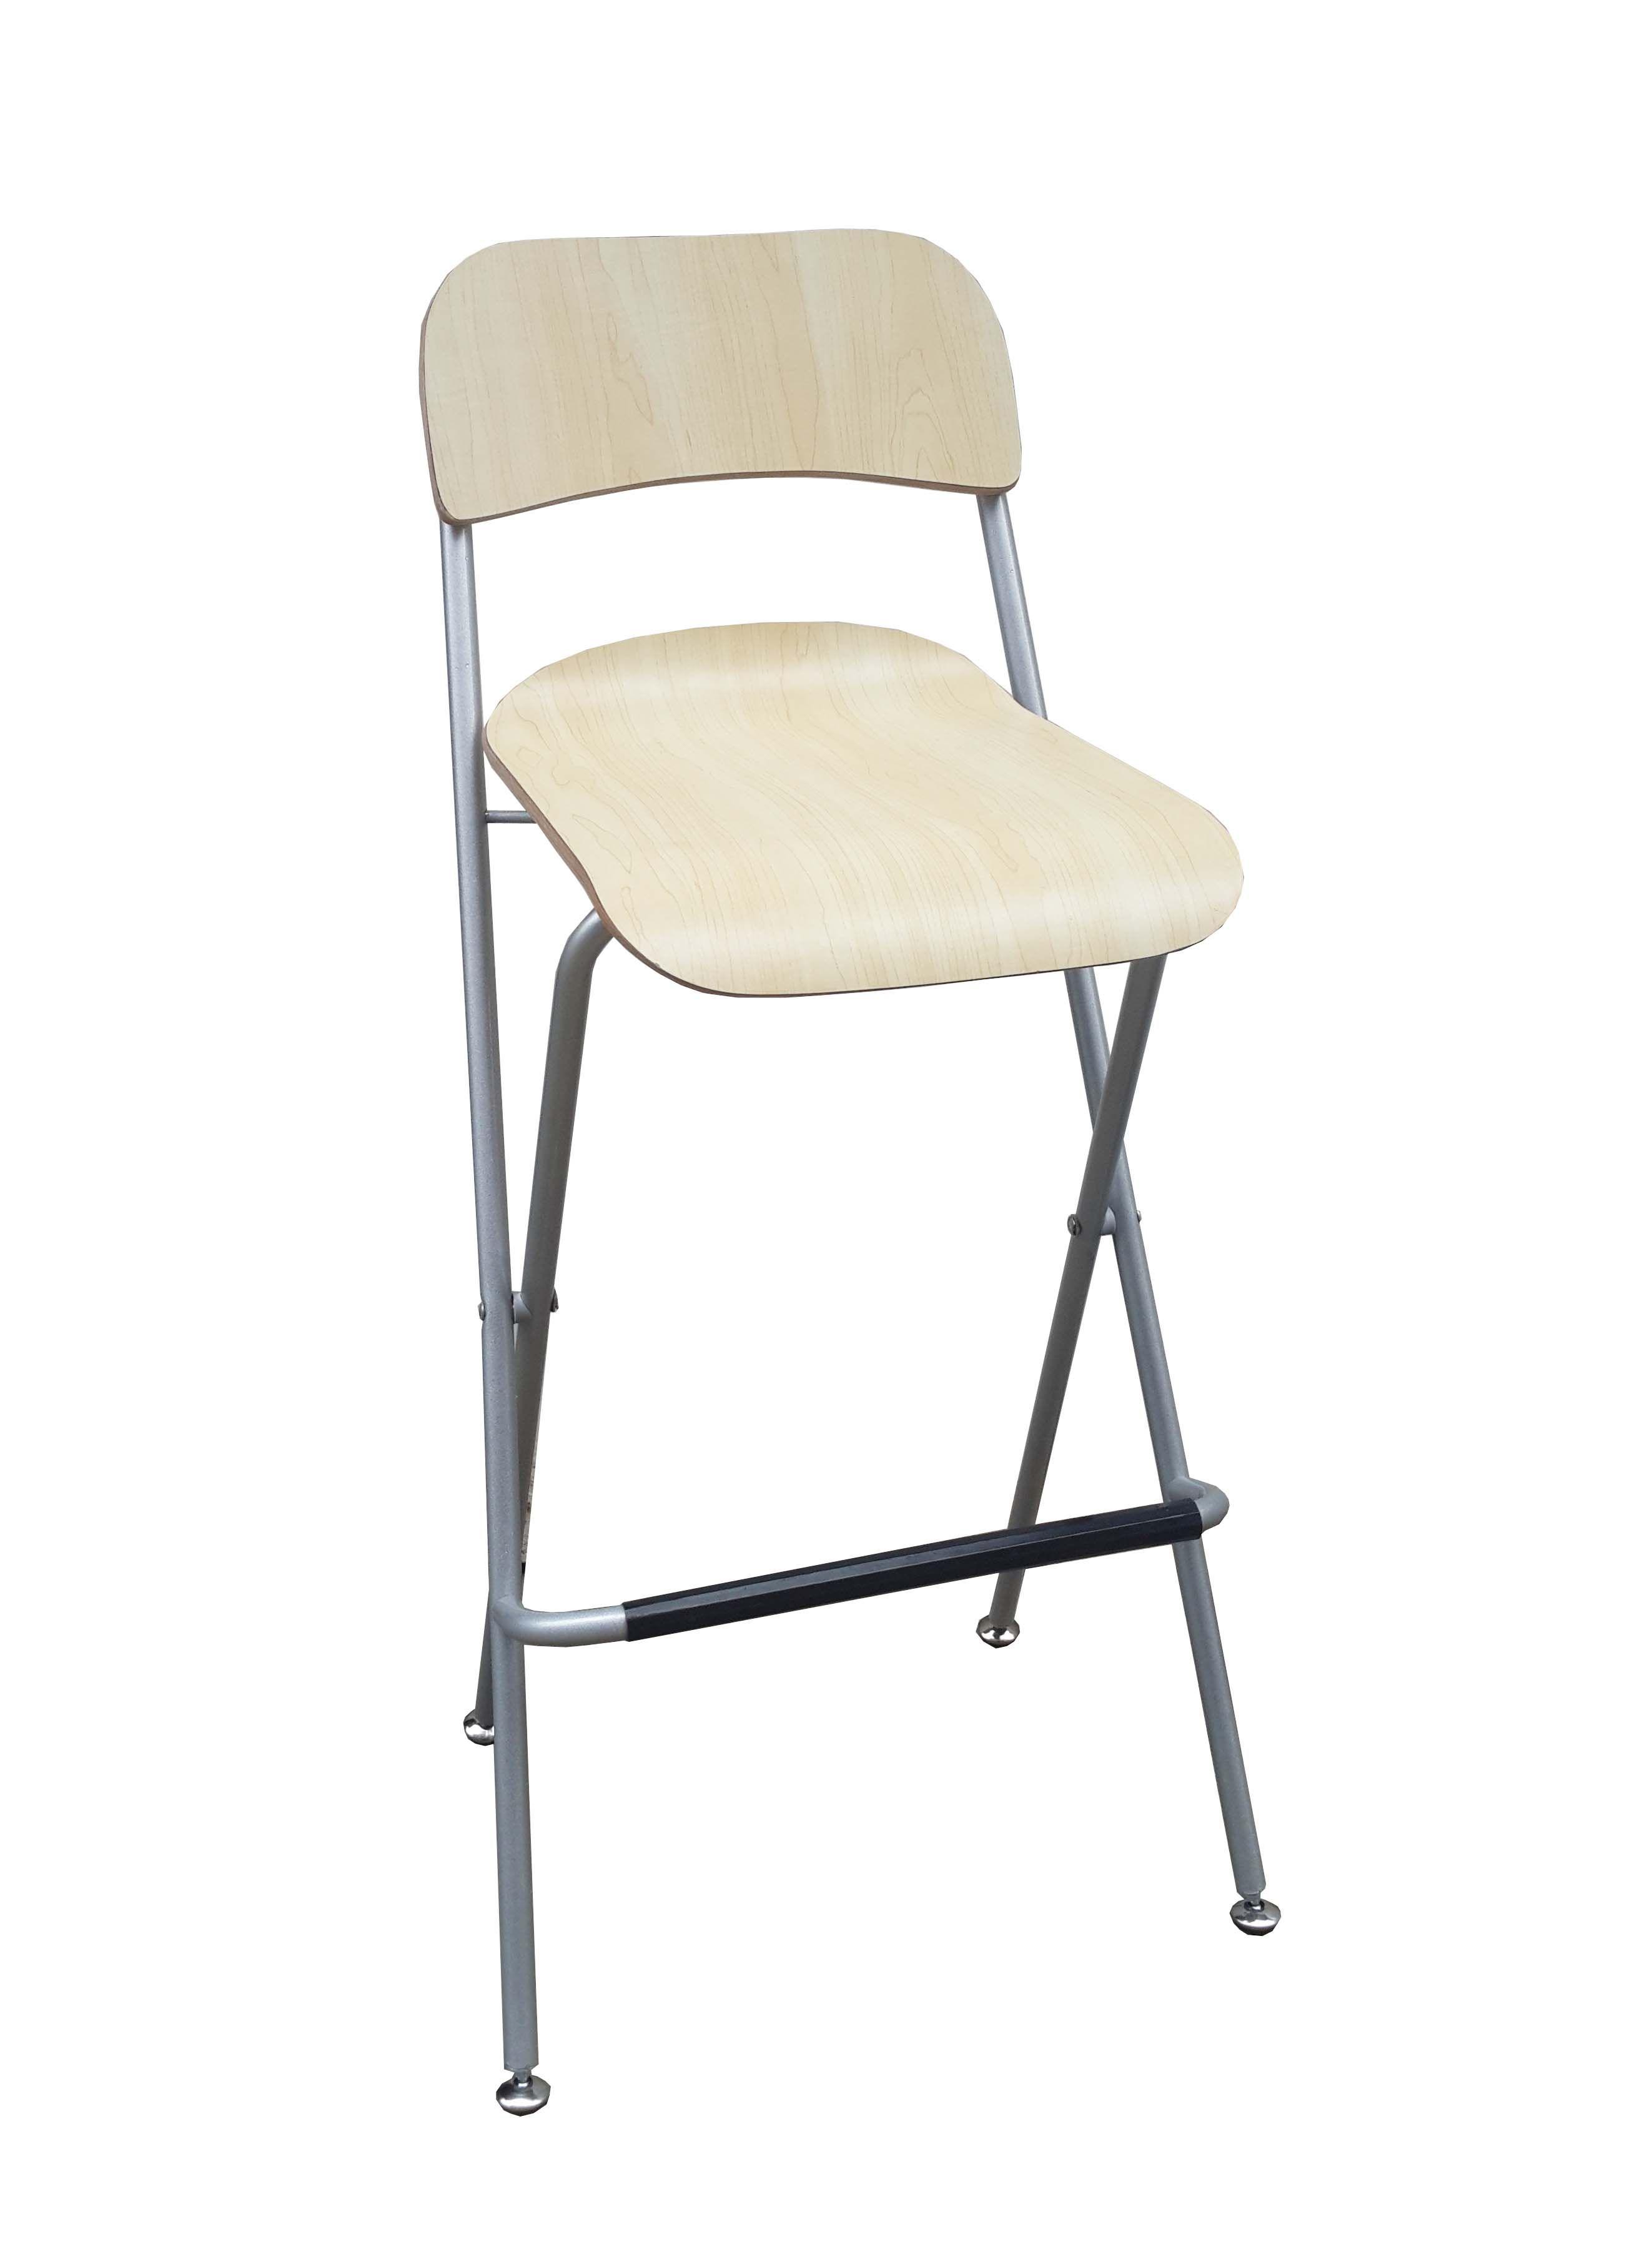 Bar Chair Bistro High Chair High Chair Wood Metal Chair Folding